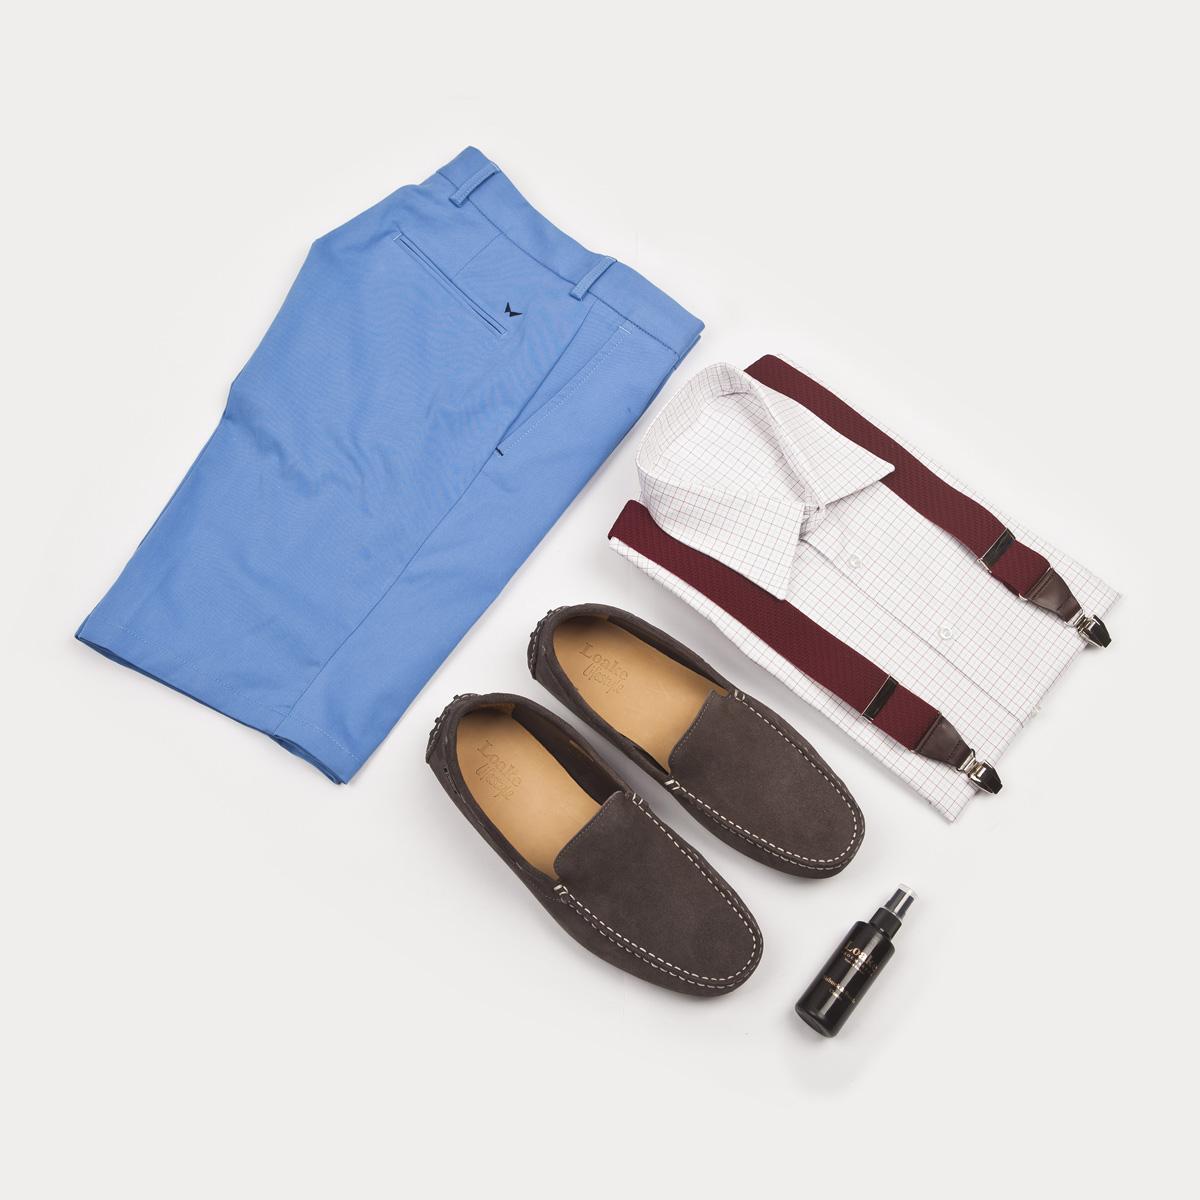 ee5ca159b250 Pohodlné semišové mokasíny. Nosí se v létě a na bosou nohu.